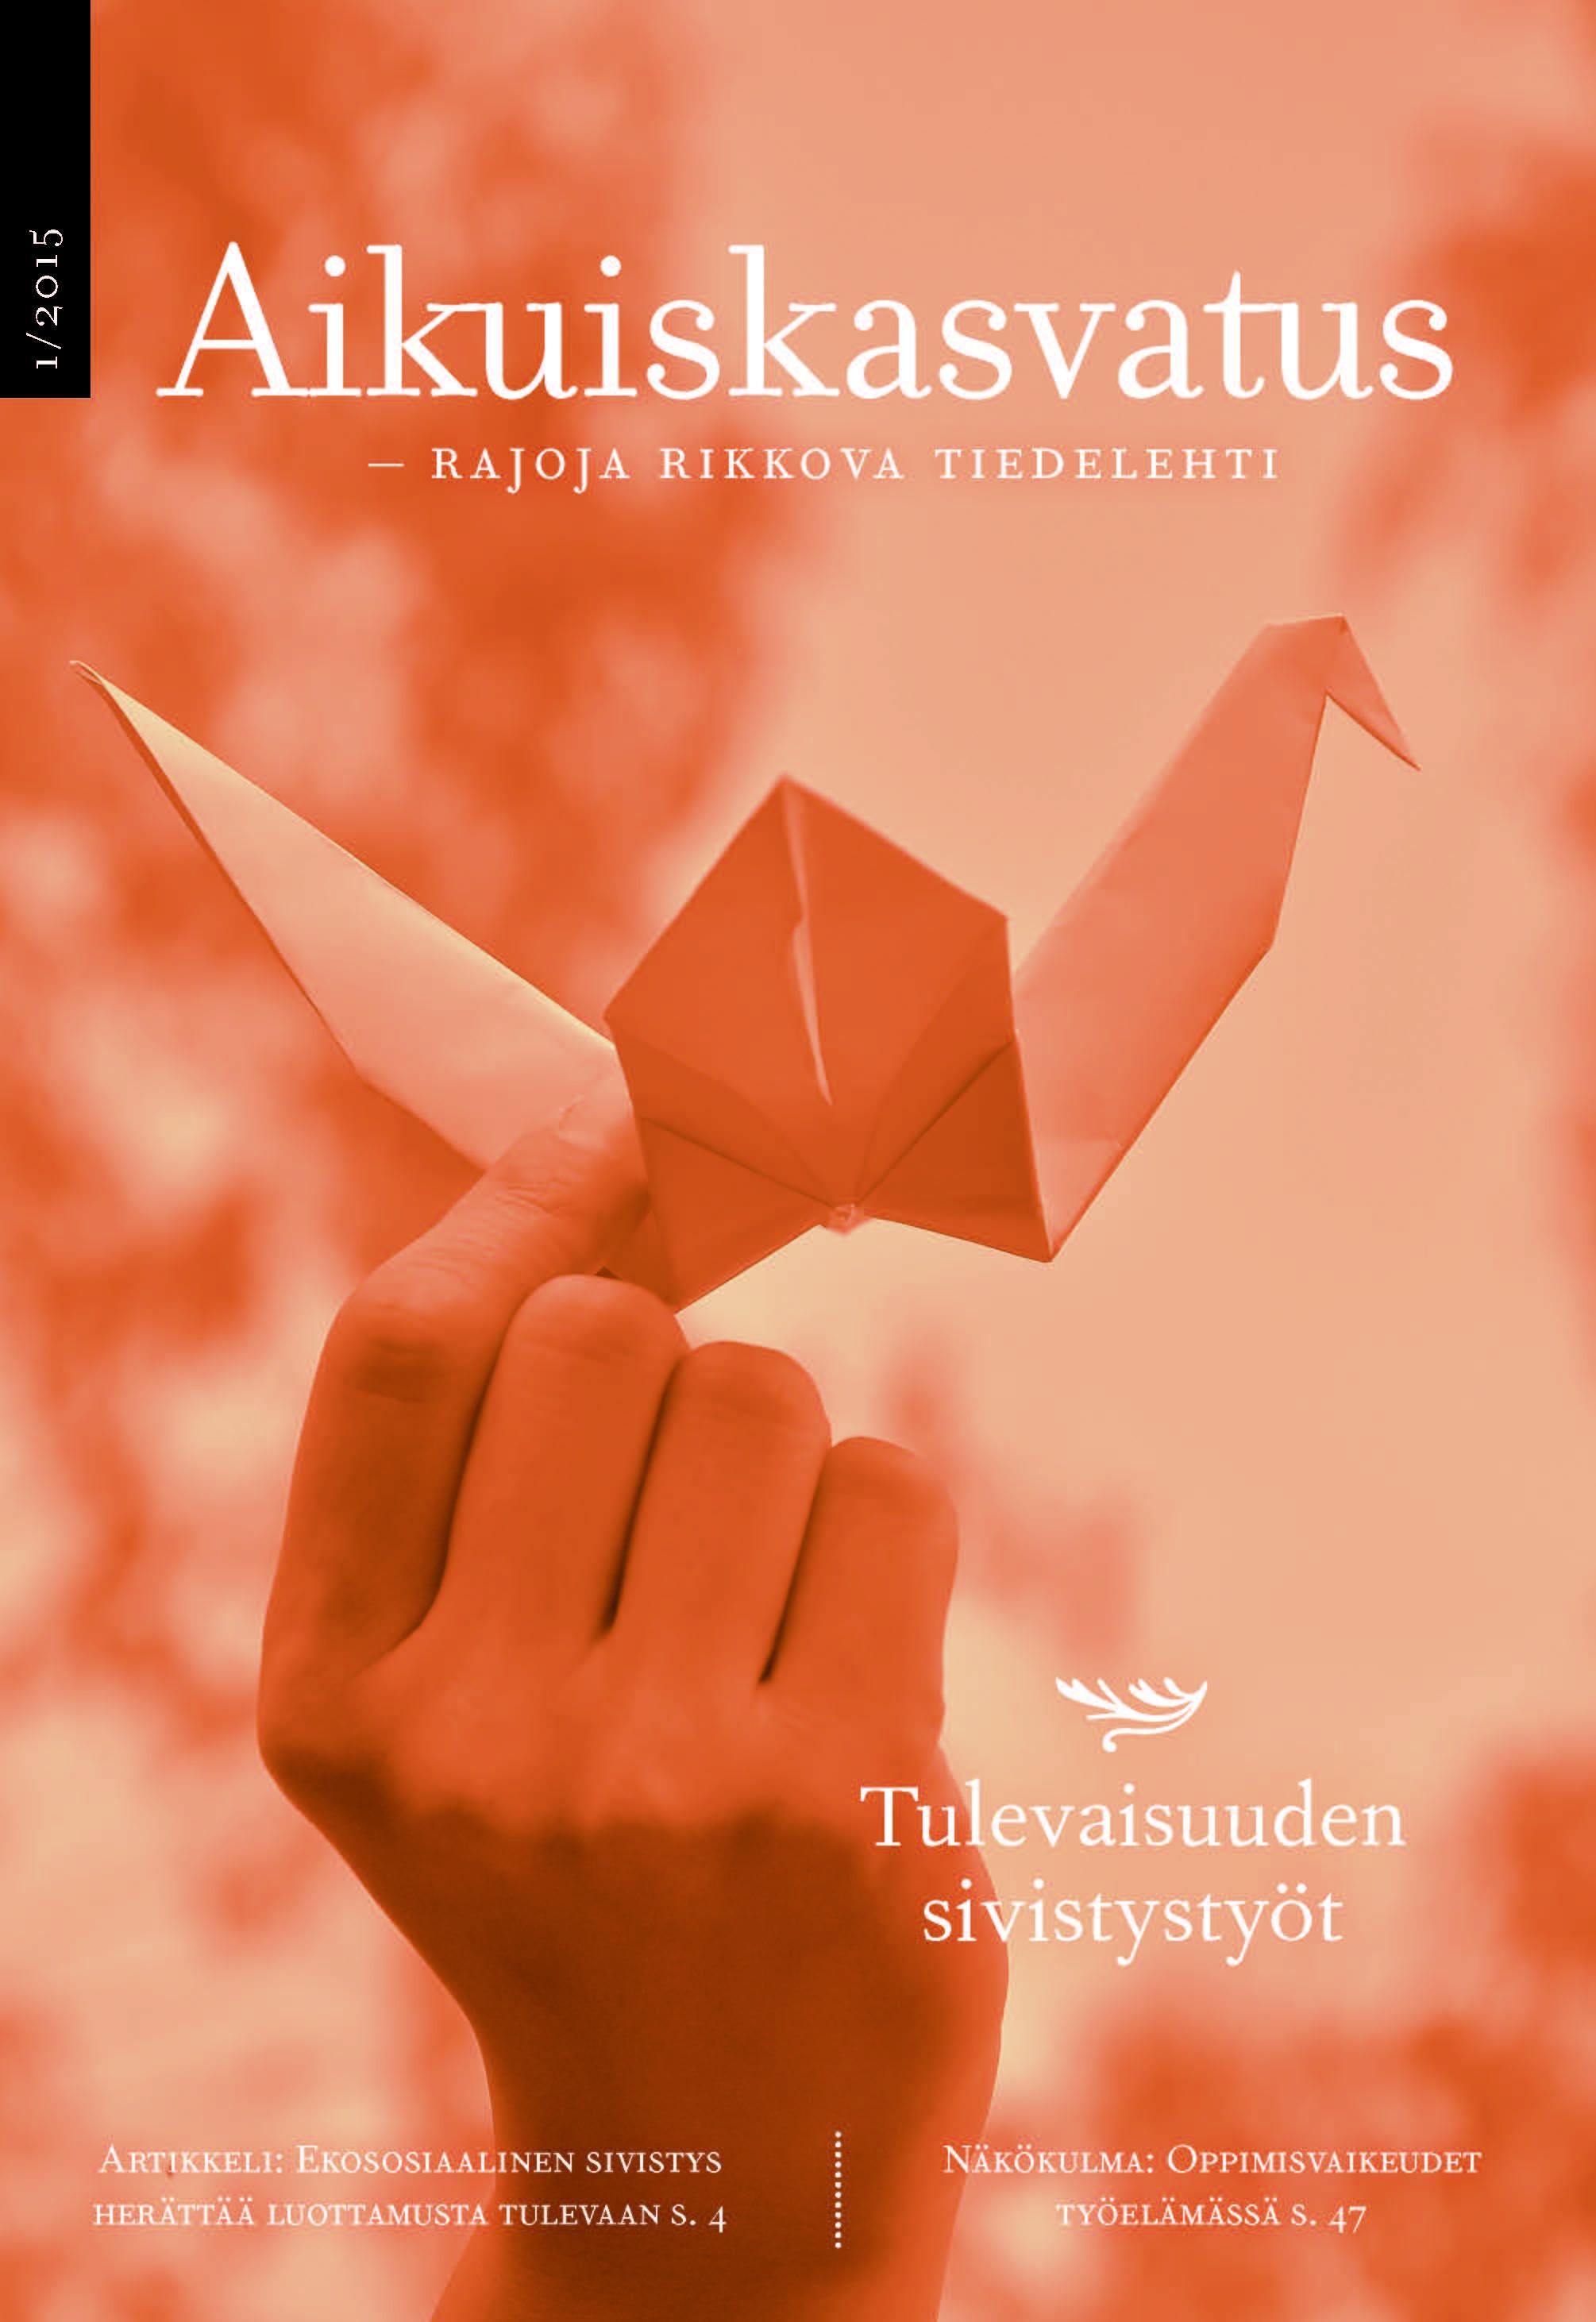 Näytä Vol 35 Nro 1 (2015): Aikuiskasvatus 1/2015: Tulevaisuuden sivistystyöt